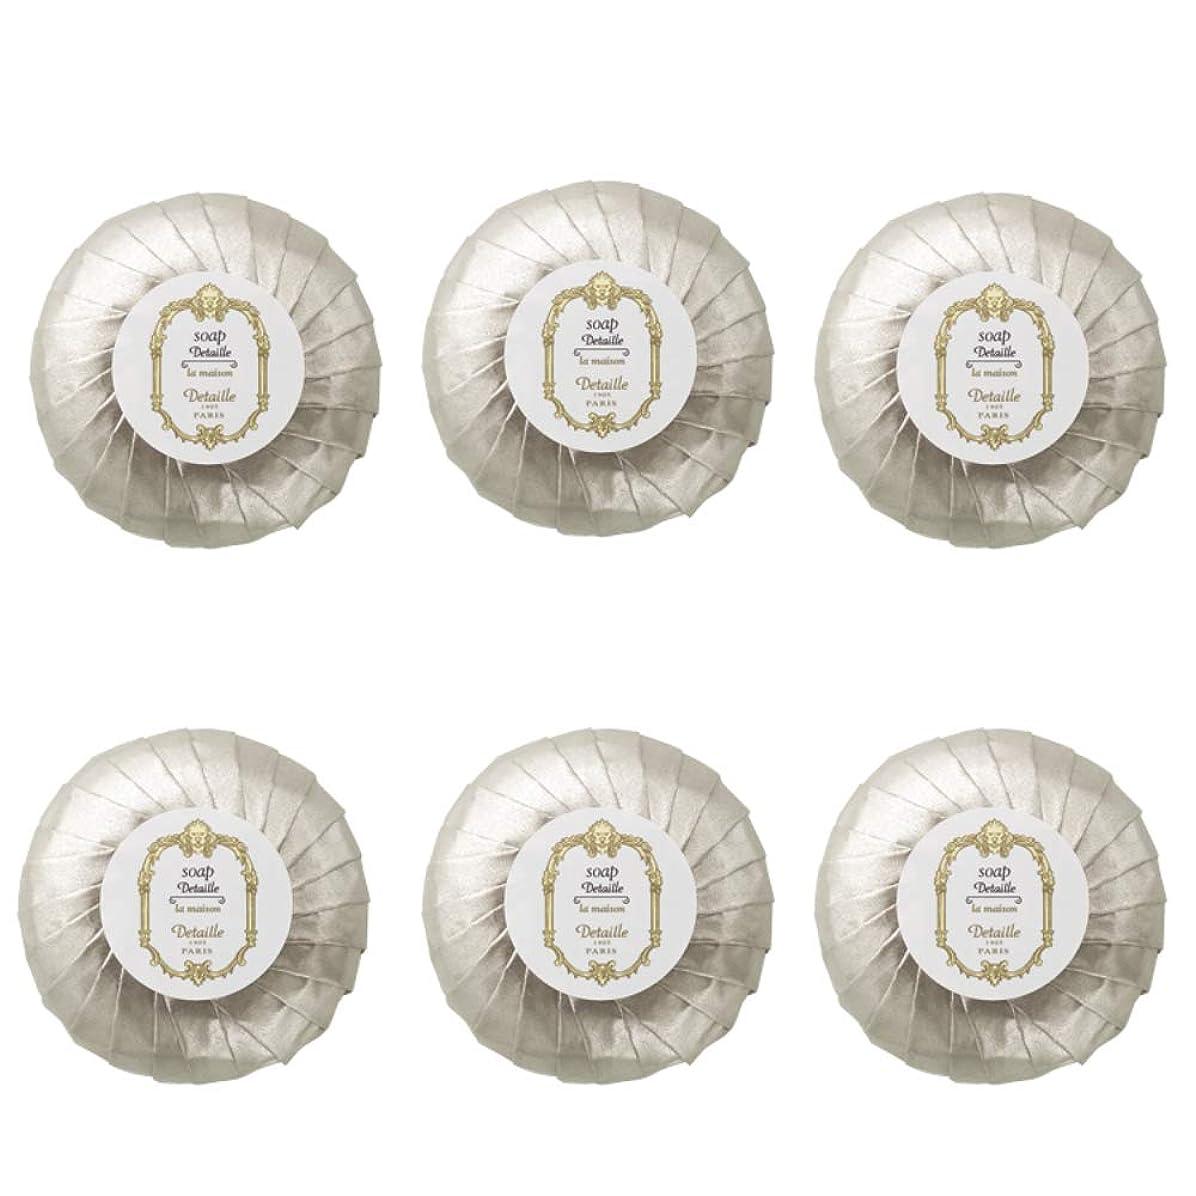 マニフェストパノラマ美徳POLA デタイユ ラ メゾン スキンソープ 固形石鹸 (プリーツ包装) 50g×6個